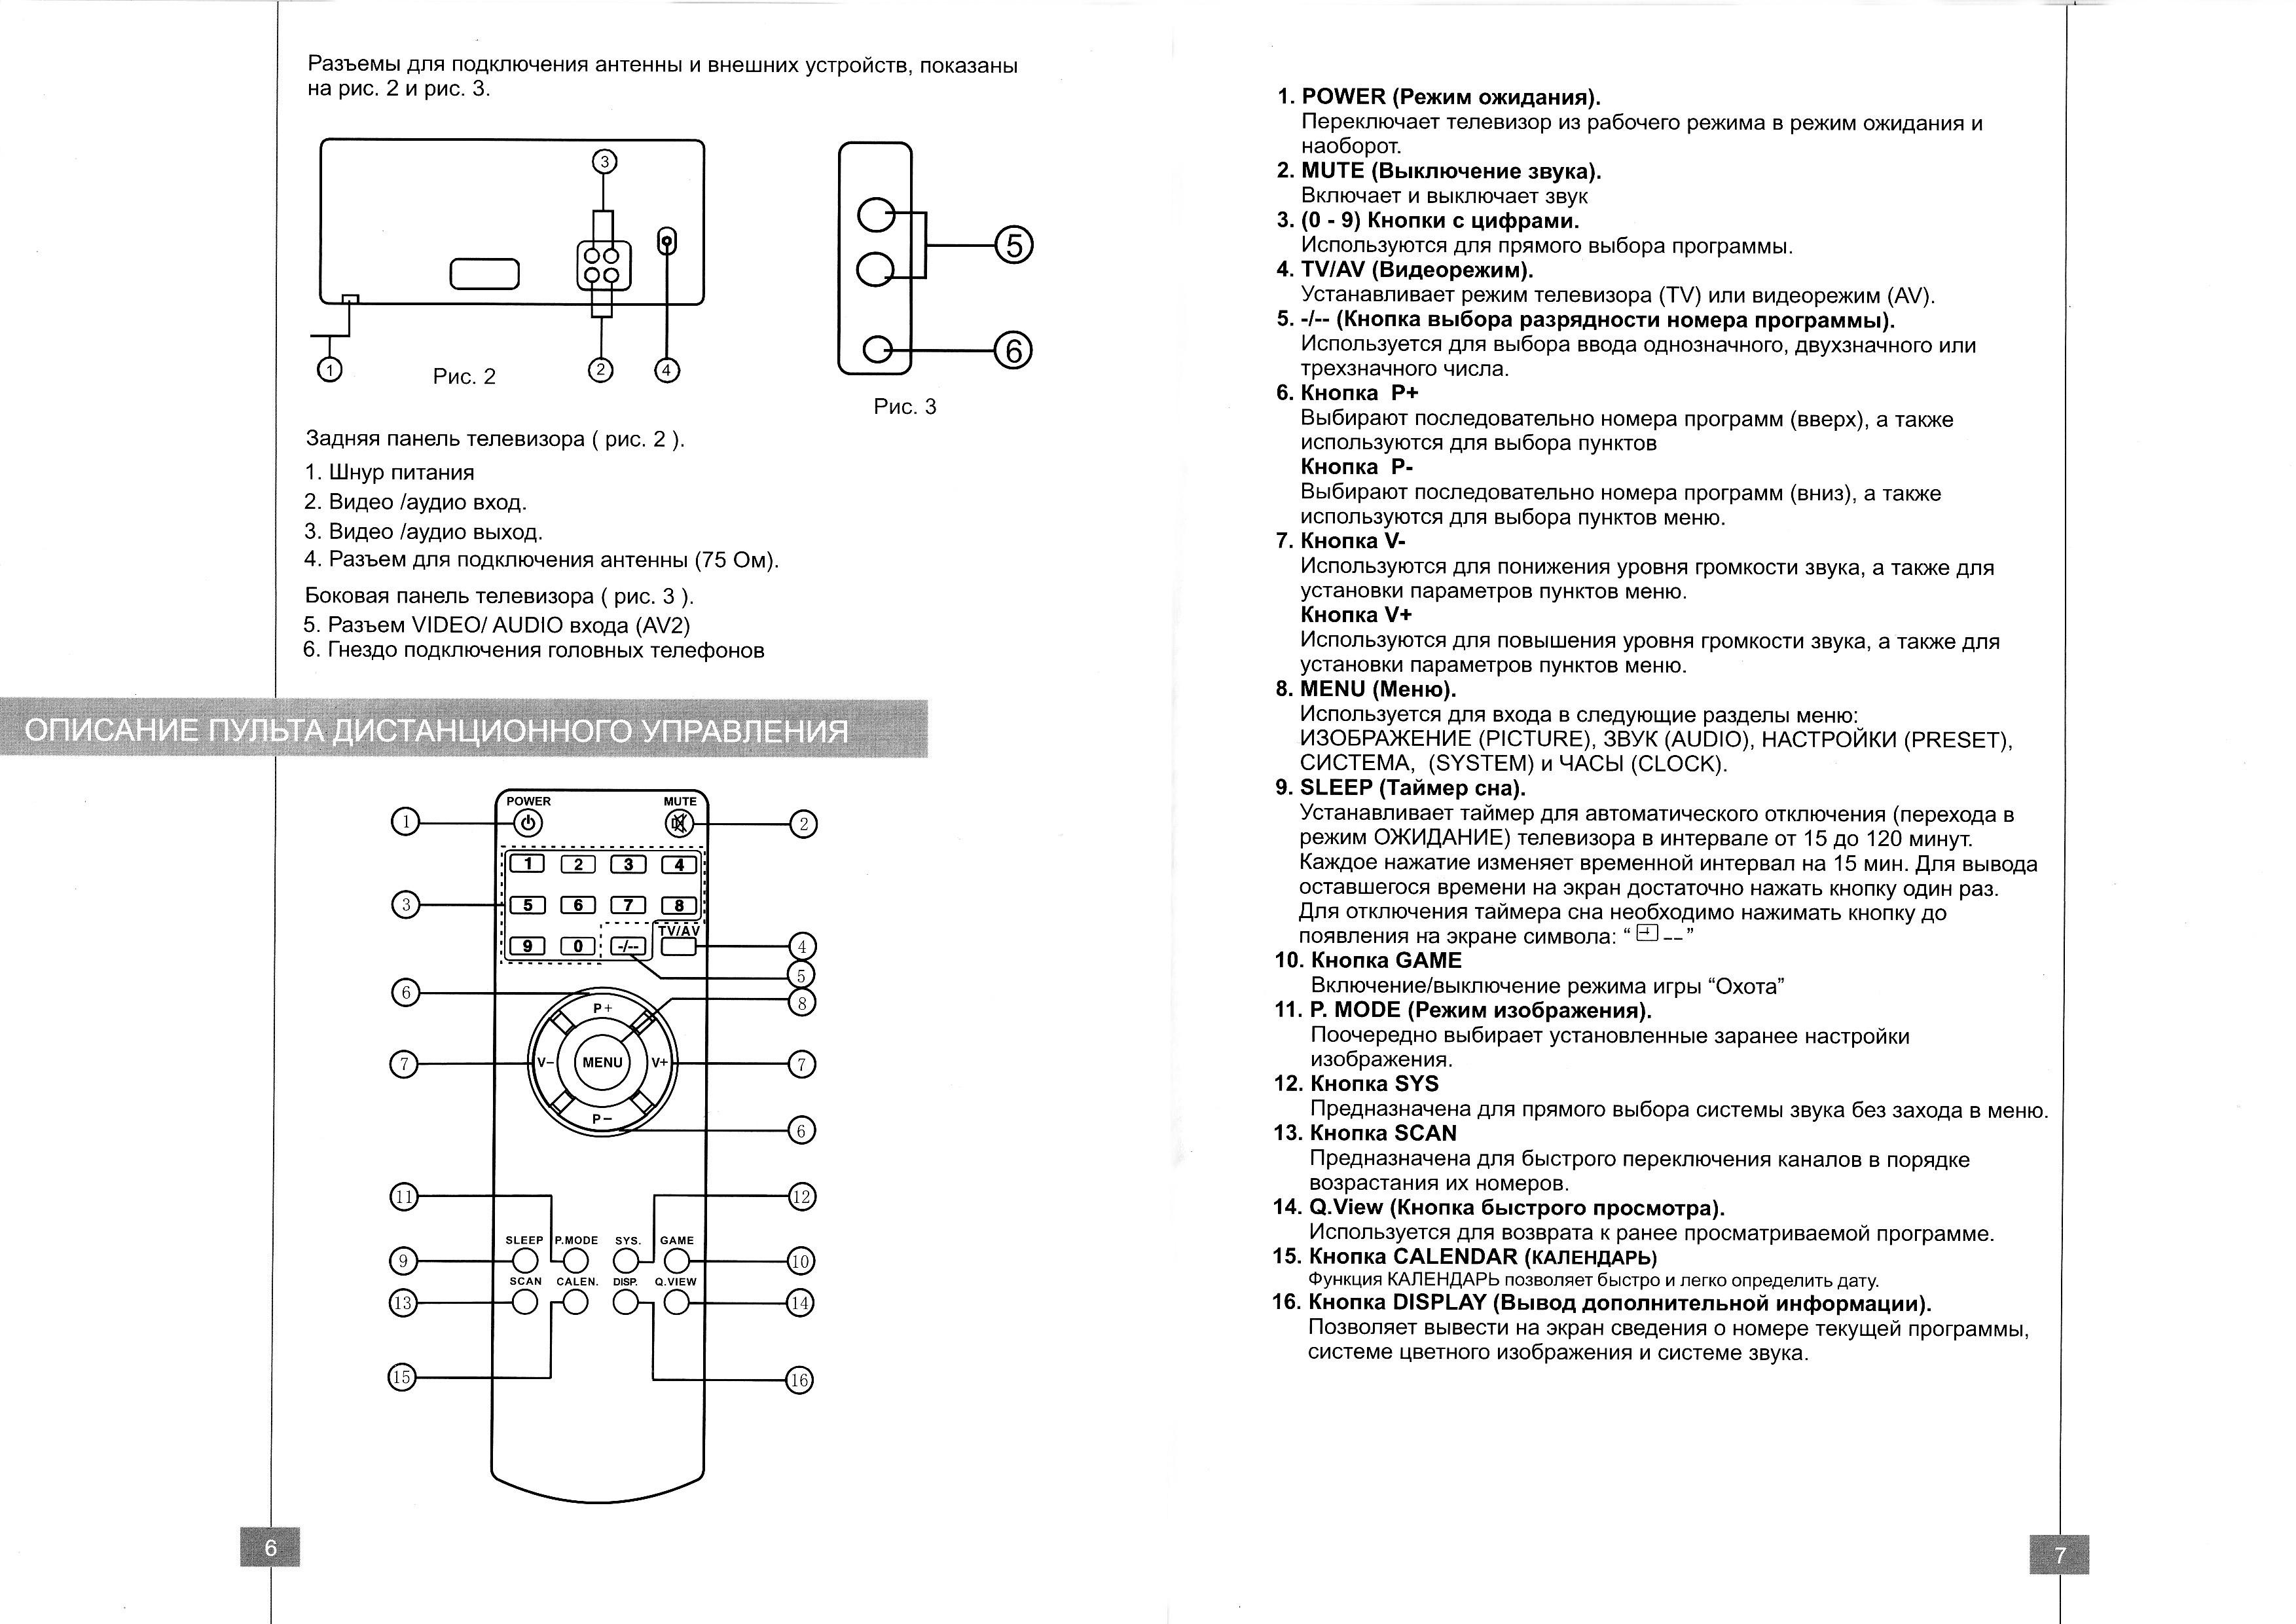 Инструкция телевизора ERISSON 21F5.